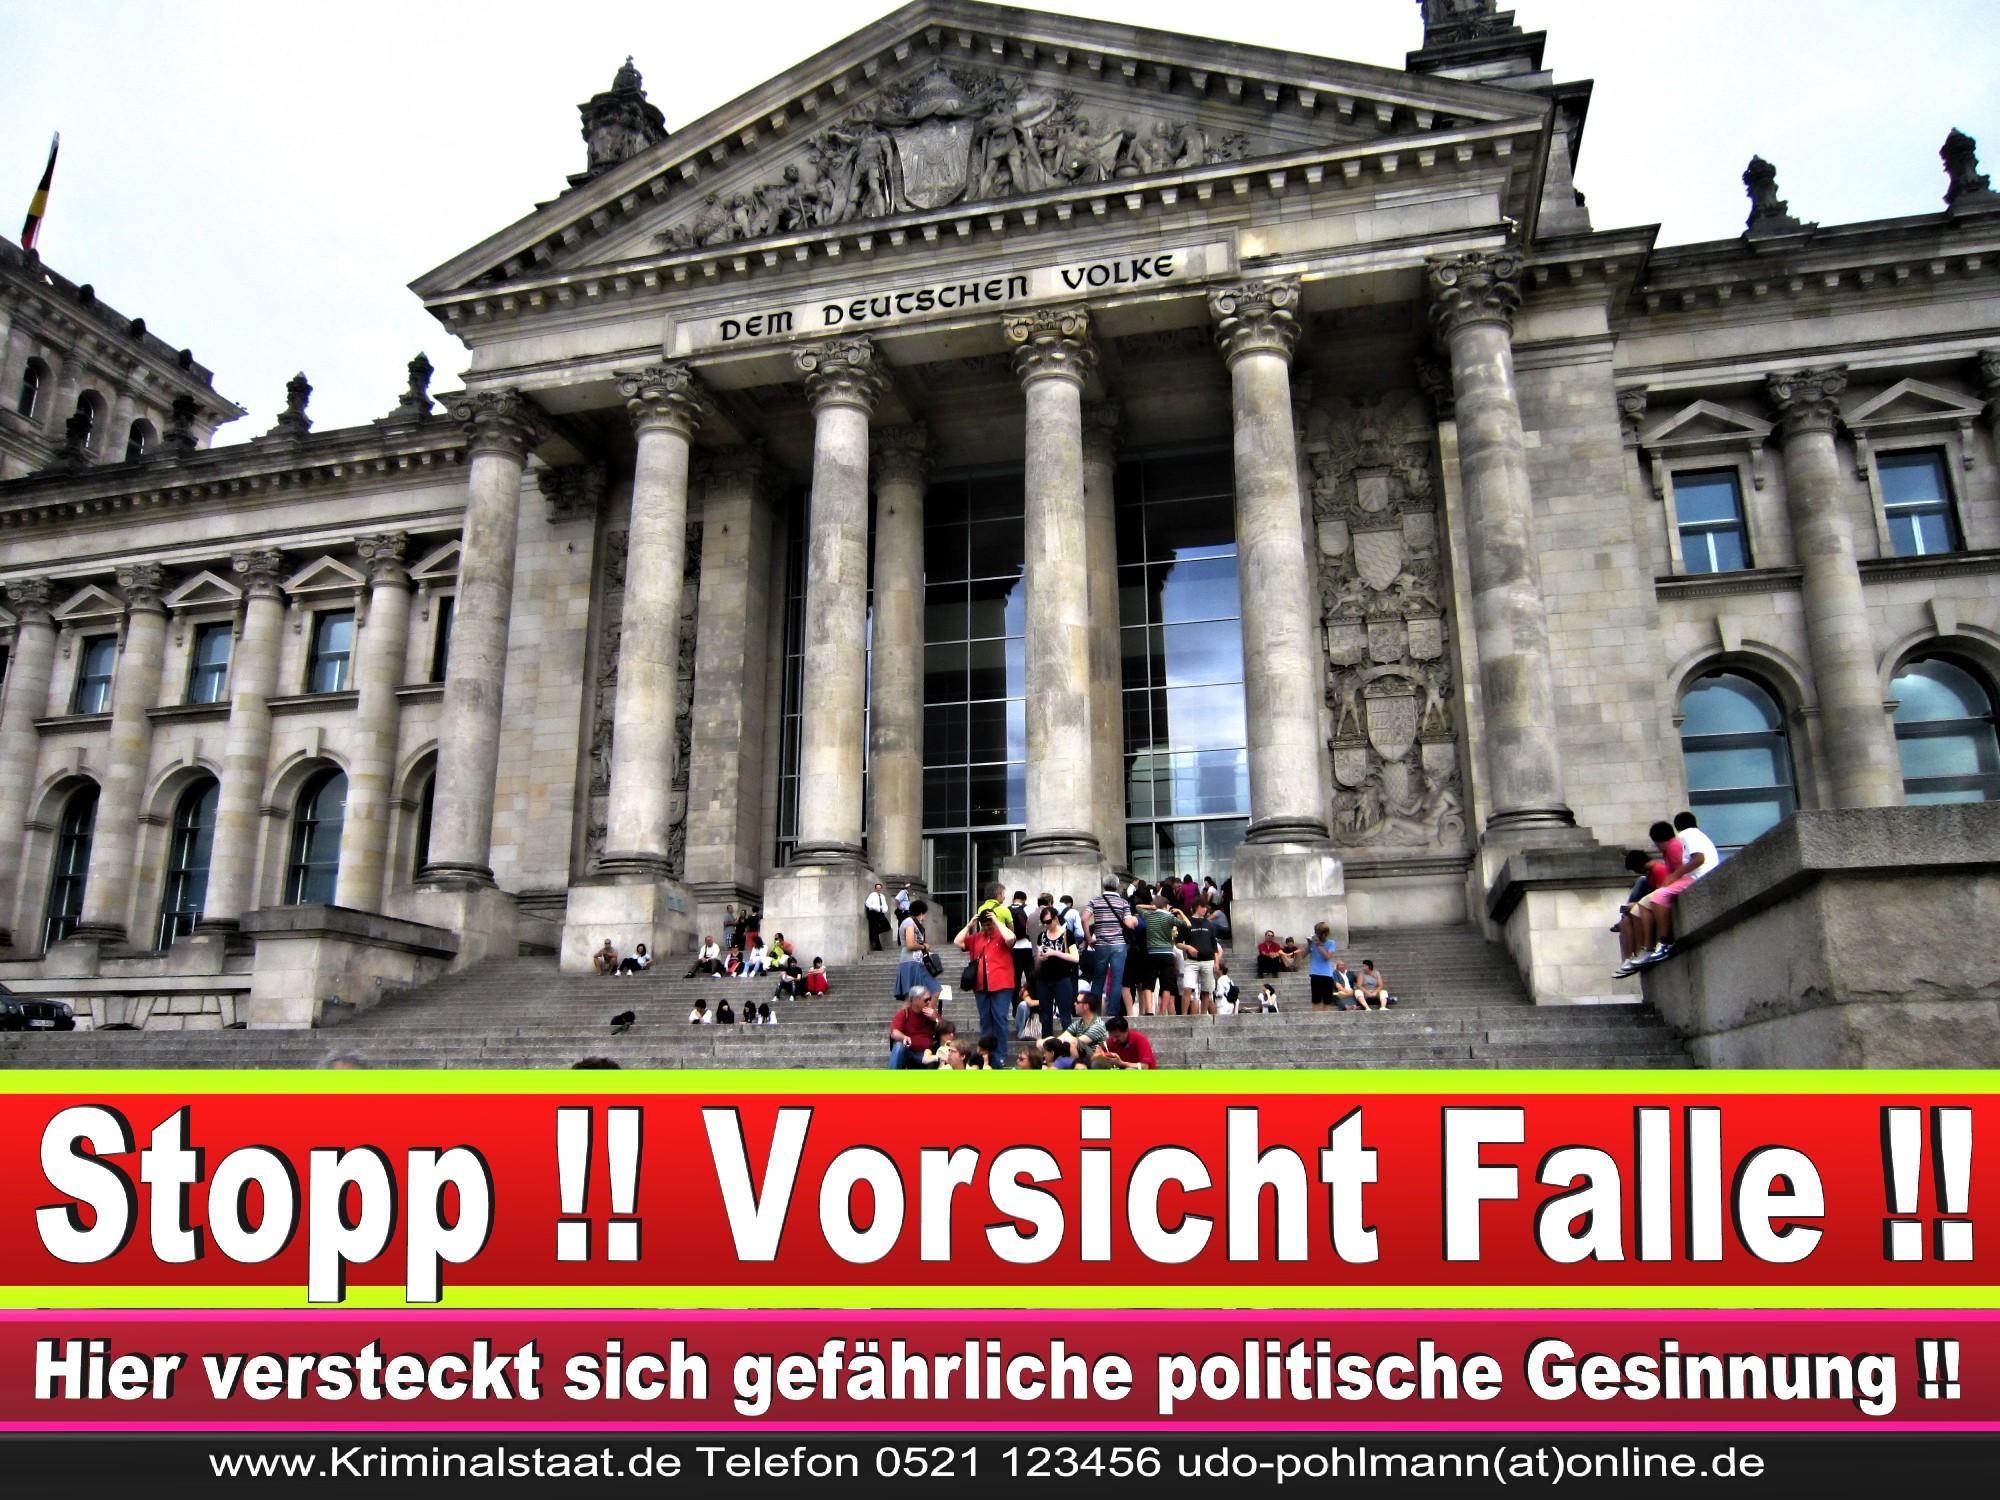 Dem Deutschen Volke Der Deutschen Wirtschaft Reichstag Berlin Deutsche Korruption Meldestelle 0521 123456 Edit